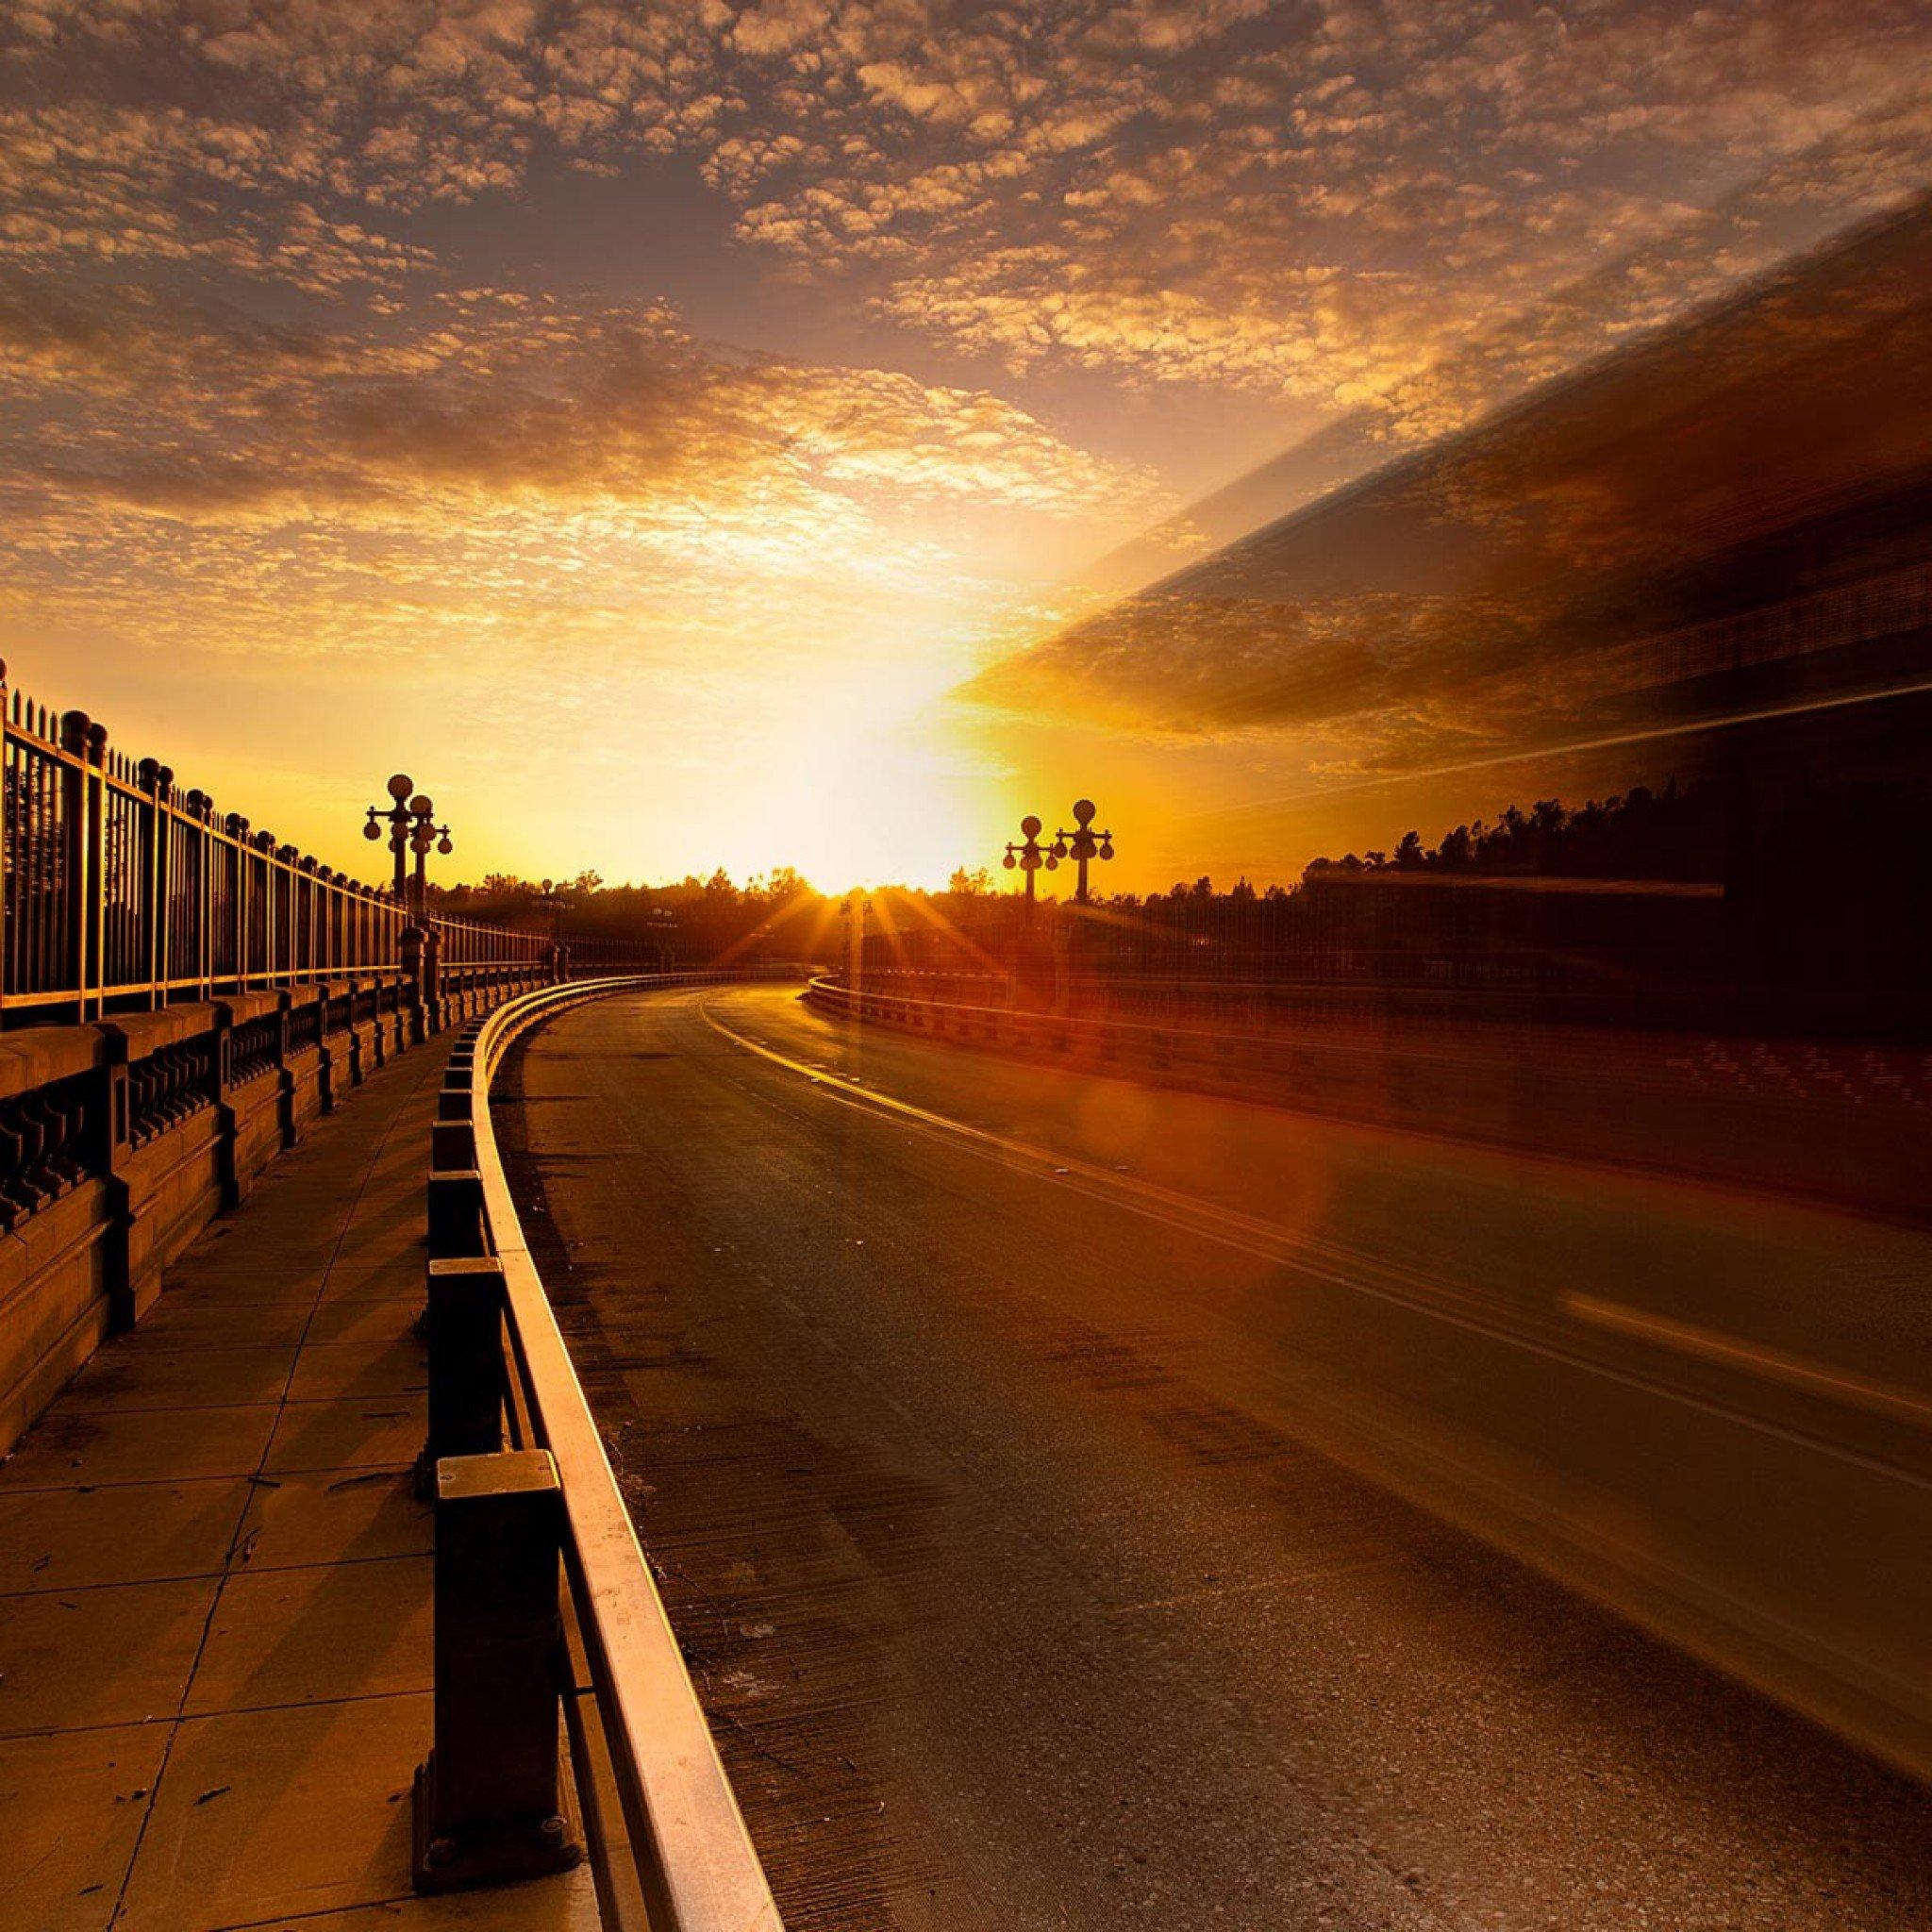 背景 壁纸 道路 风景 高速 高速公路 公路 天空 桌面 2048_2048